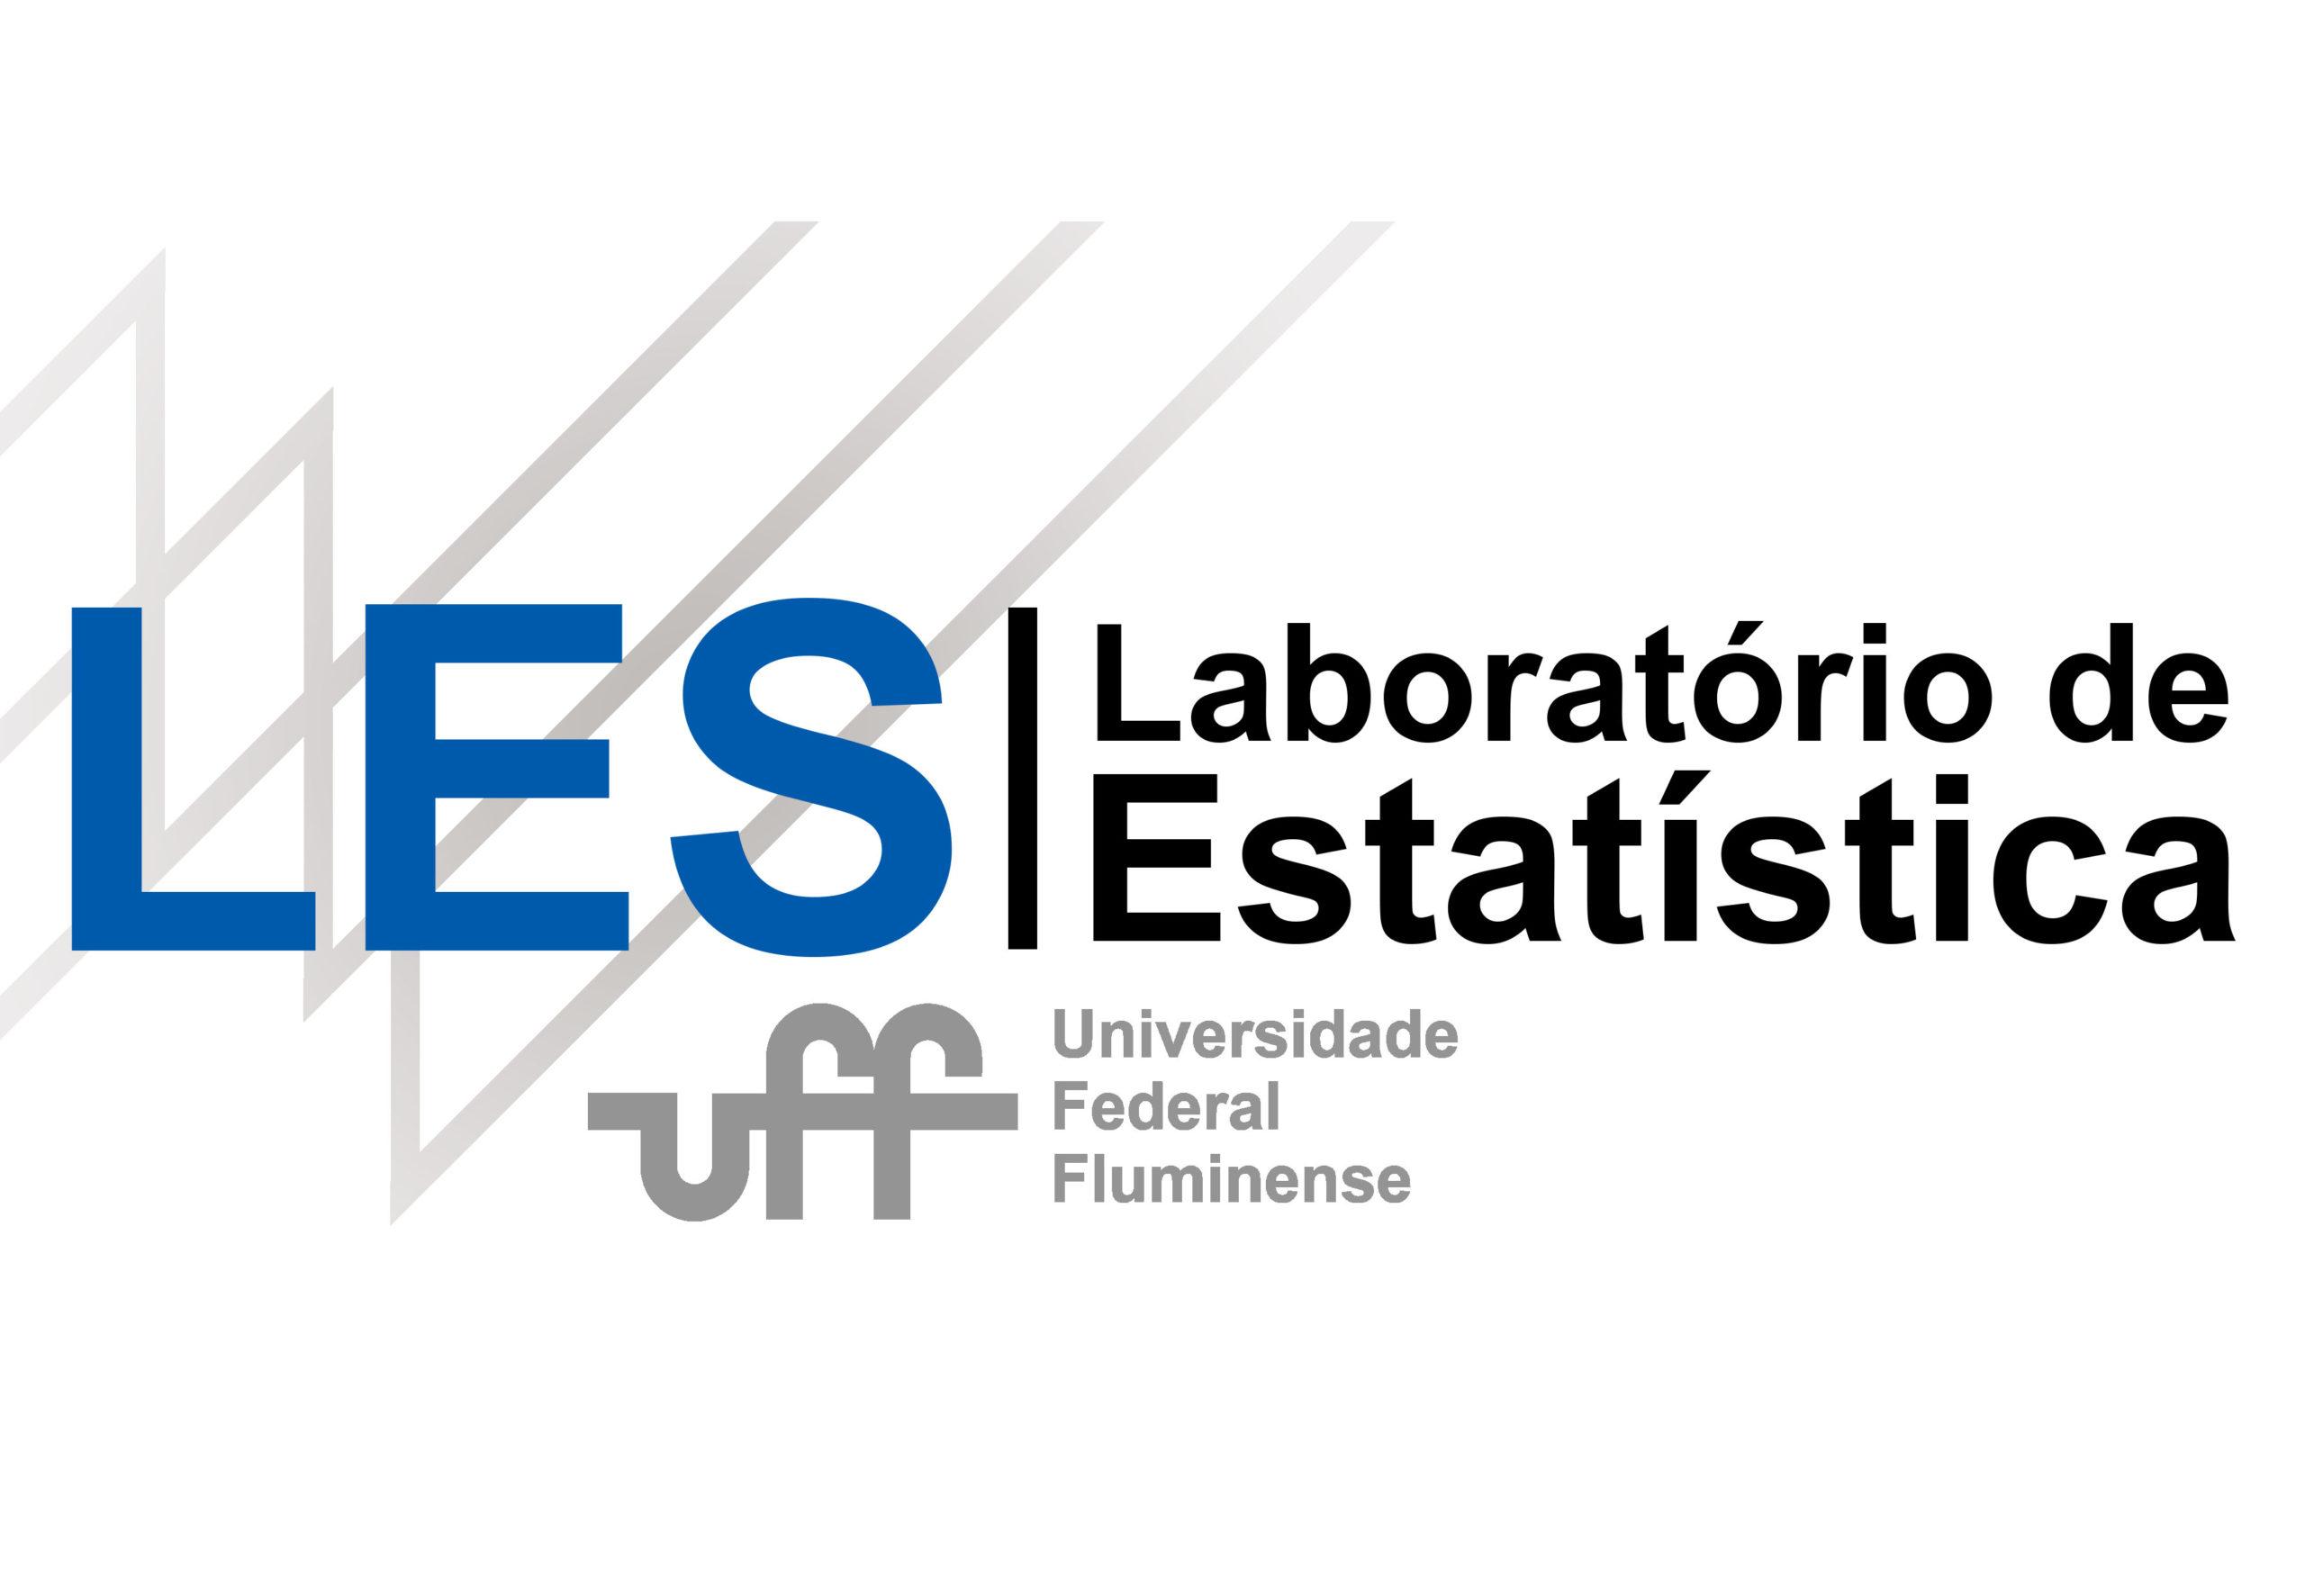 Laboratório de Estatística